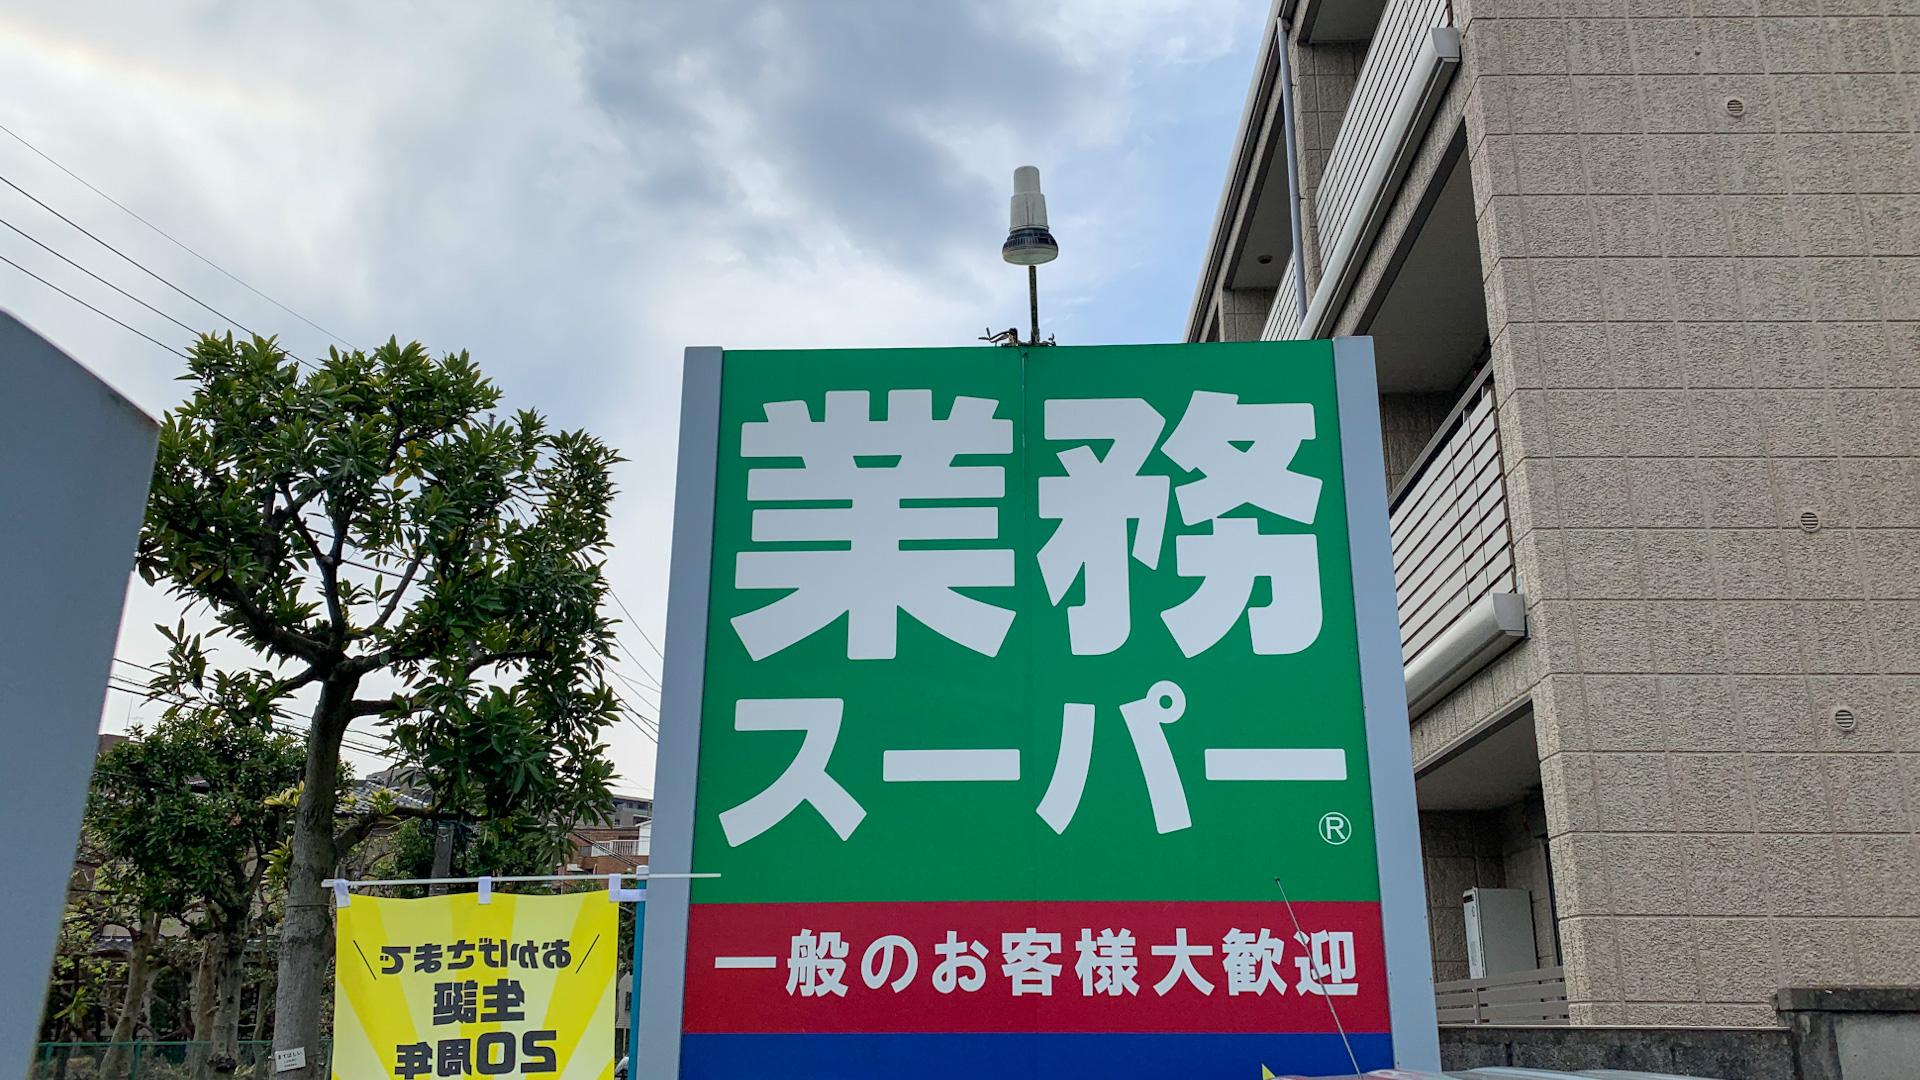 【業務スーパー】の白菜キムチが絶品!美味しく食べるアレンジレシピは?